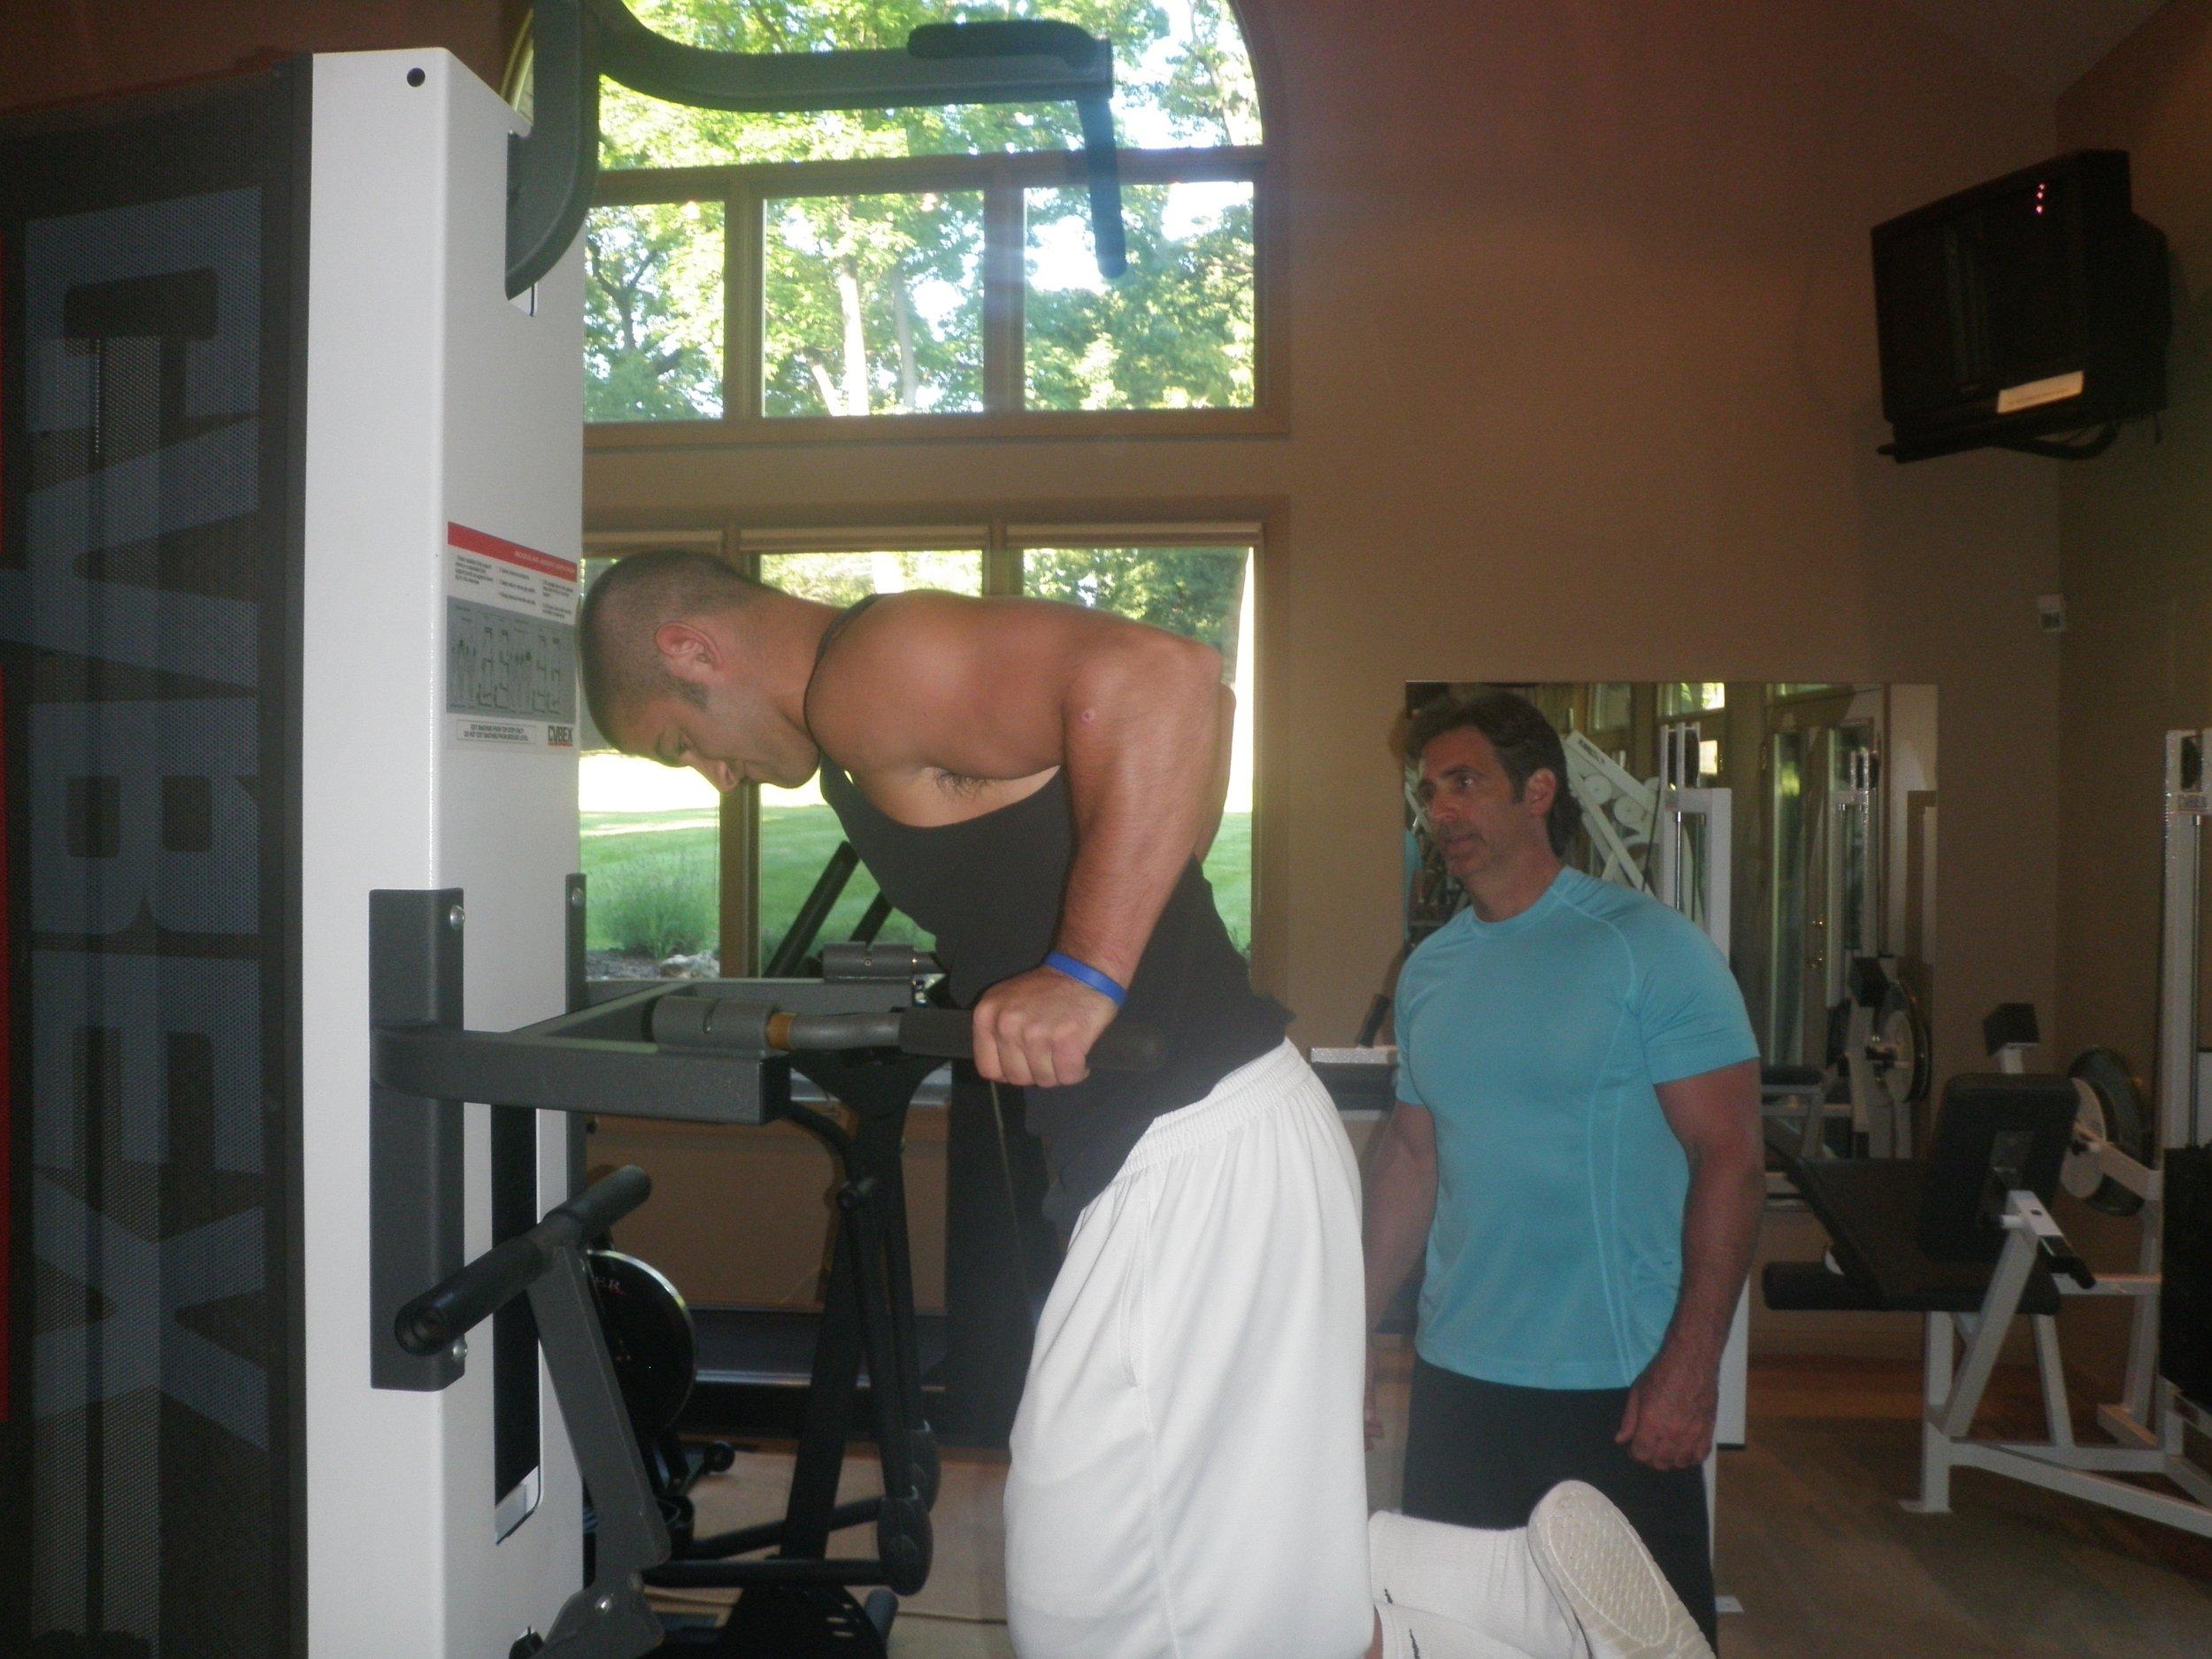 nikkos workout 003.jpg